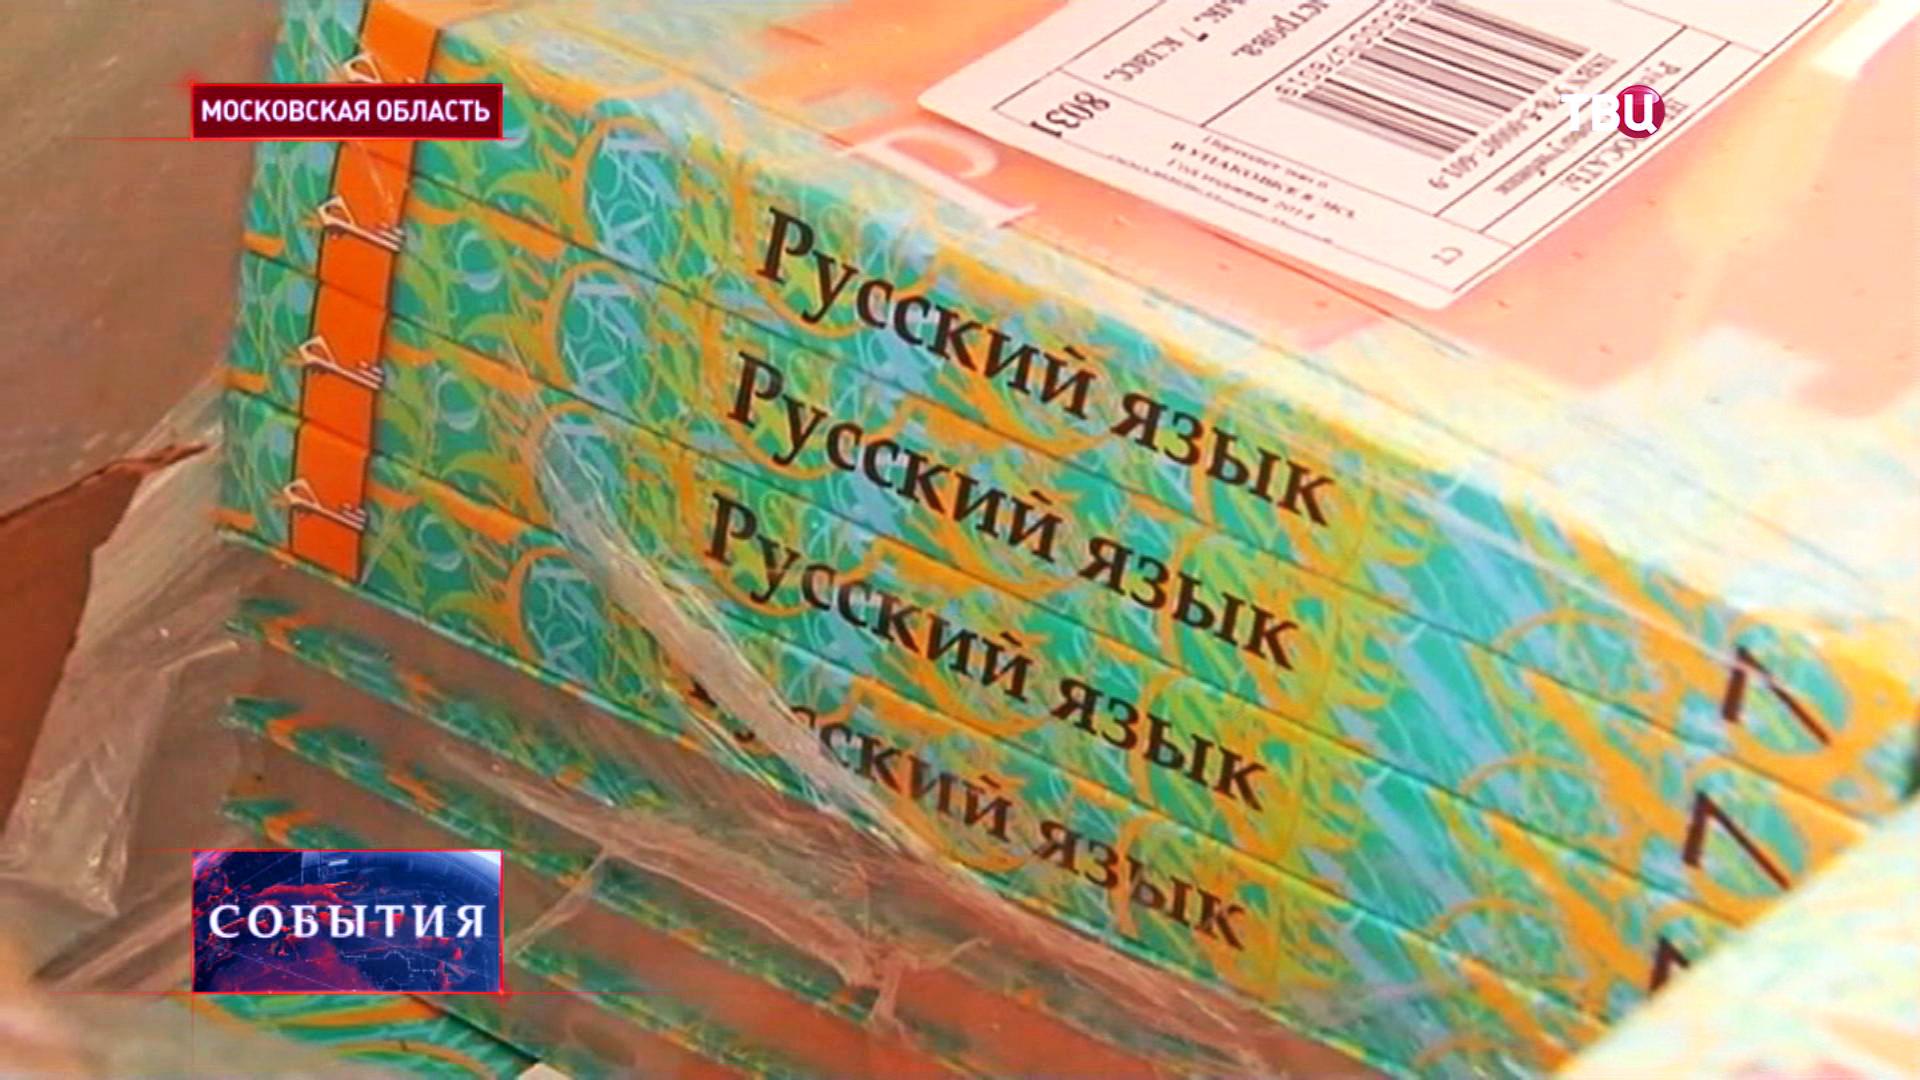 Учебники по русскому языку